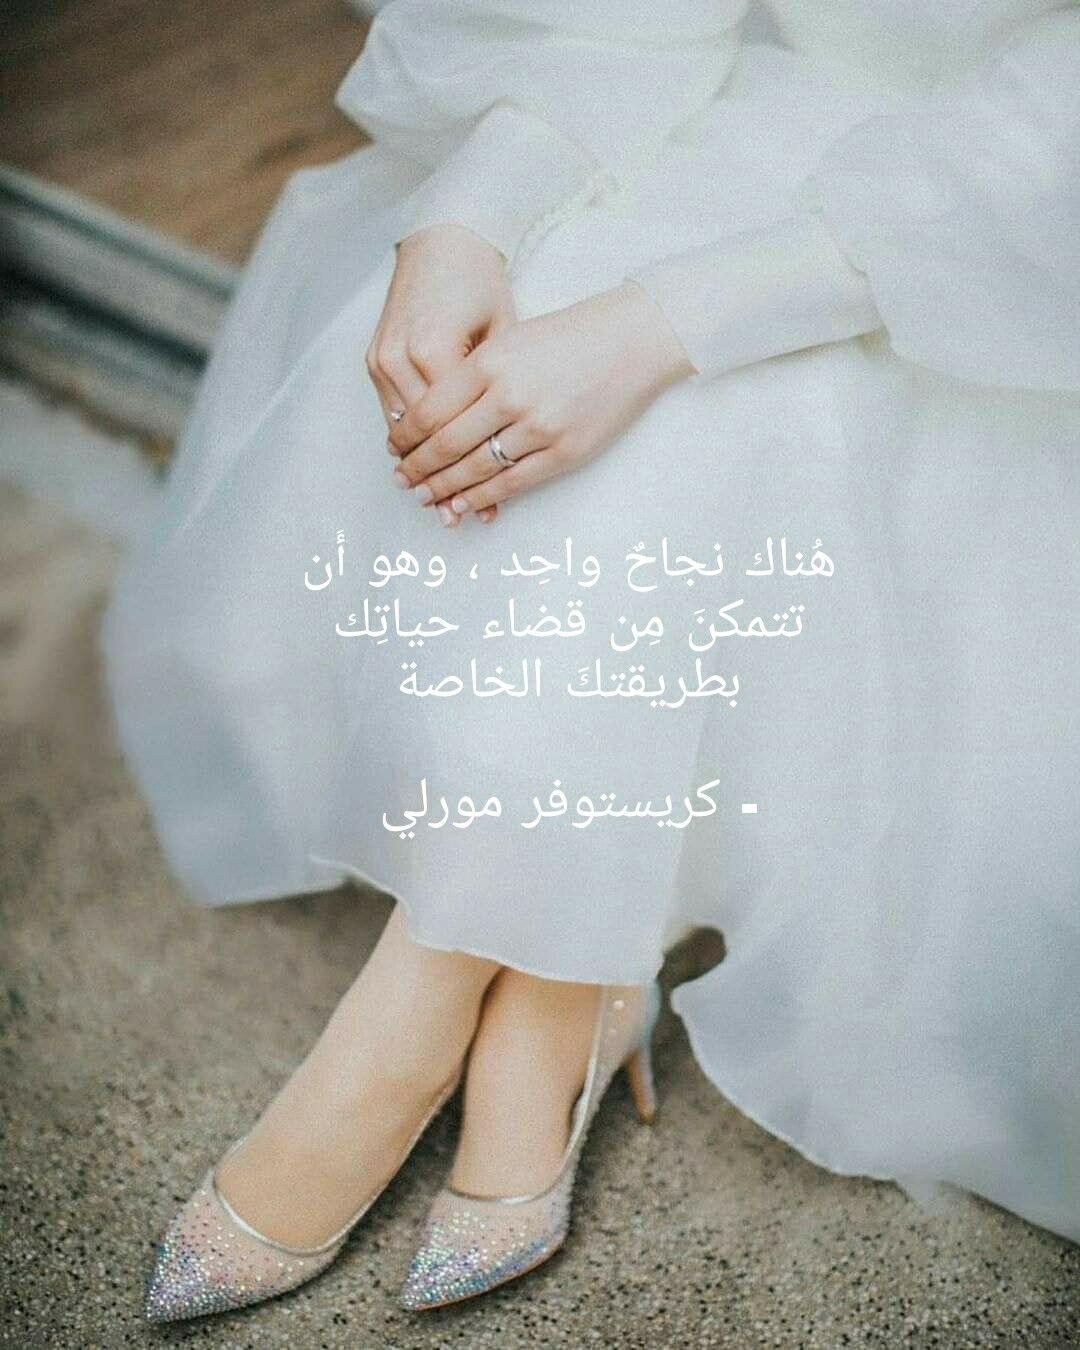 اقتباسات عن المرأة اقتباسات عن الاعتماد على النفس Fashion Wedding Shoe Wedding